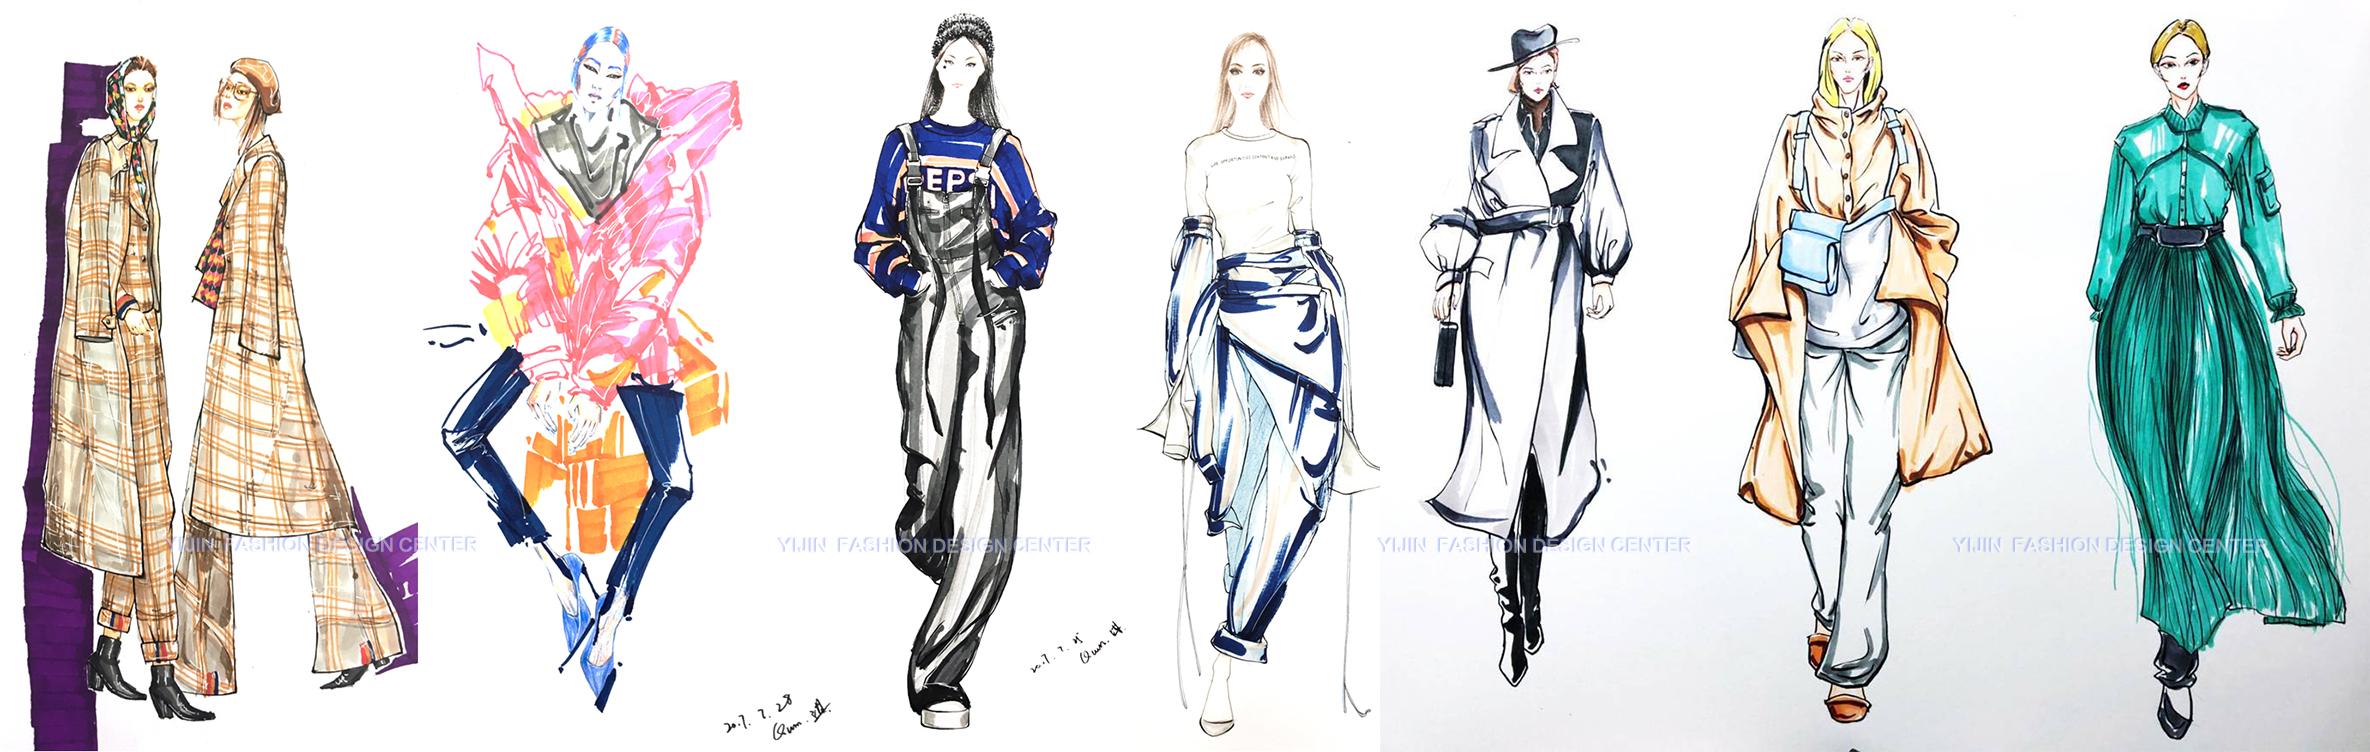 服装手绘效果图、学生作品